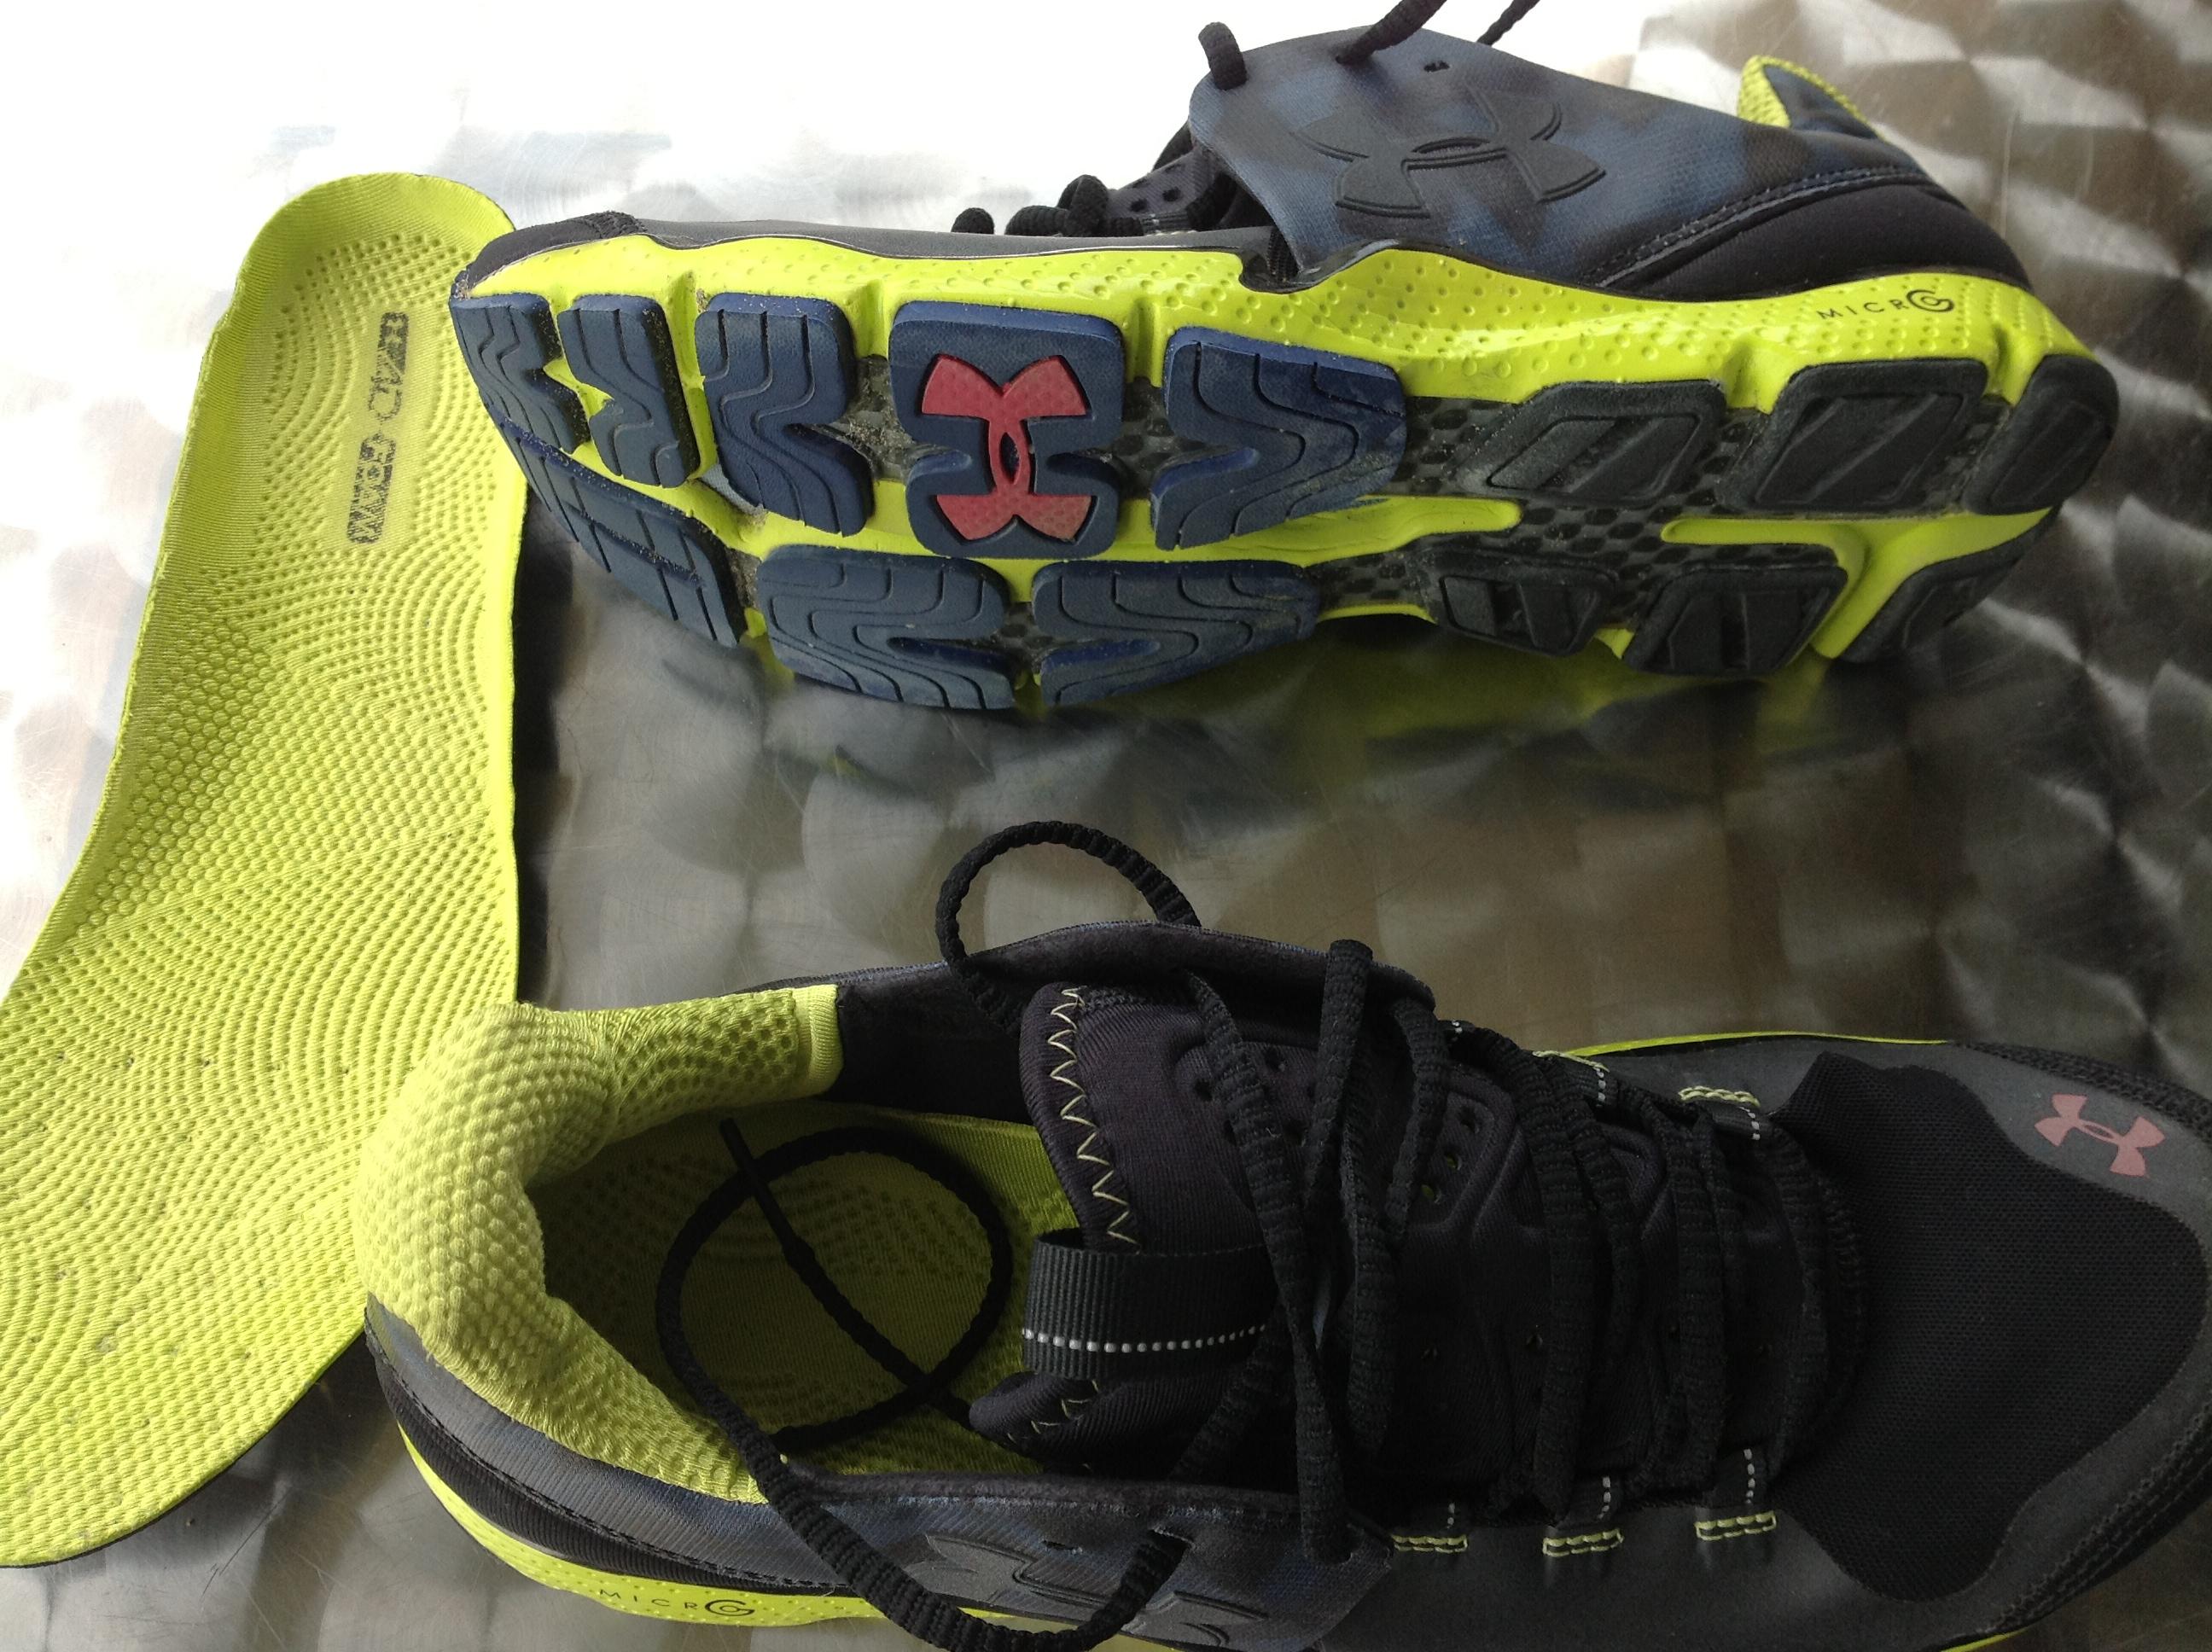 acheter et vendre authentique chaussures jogging amortissantes baskets